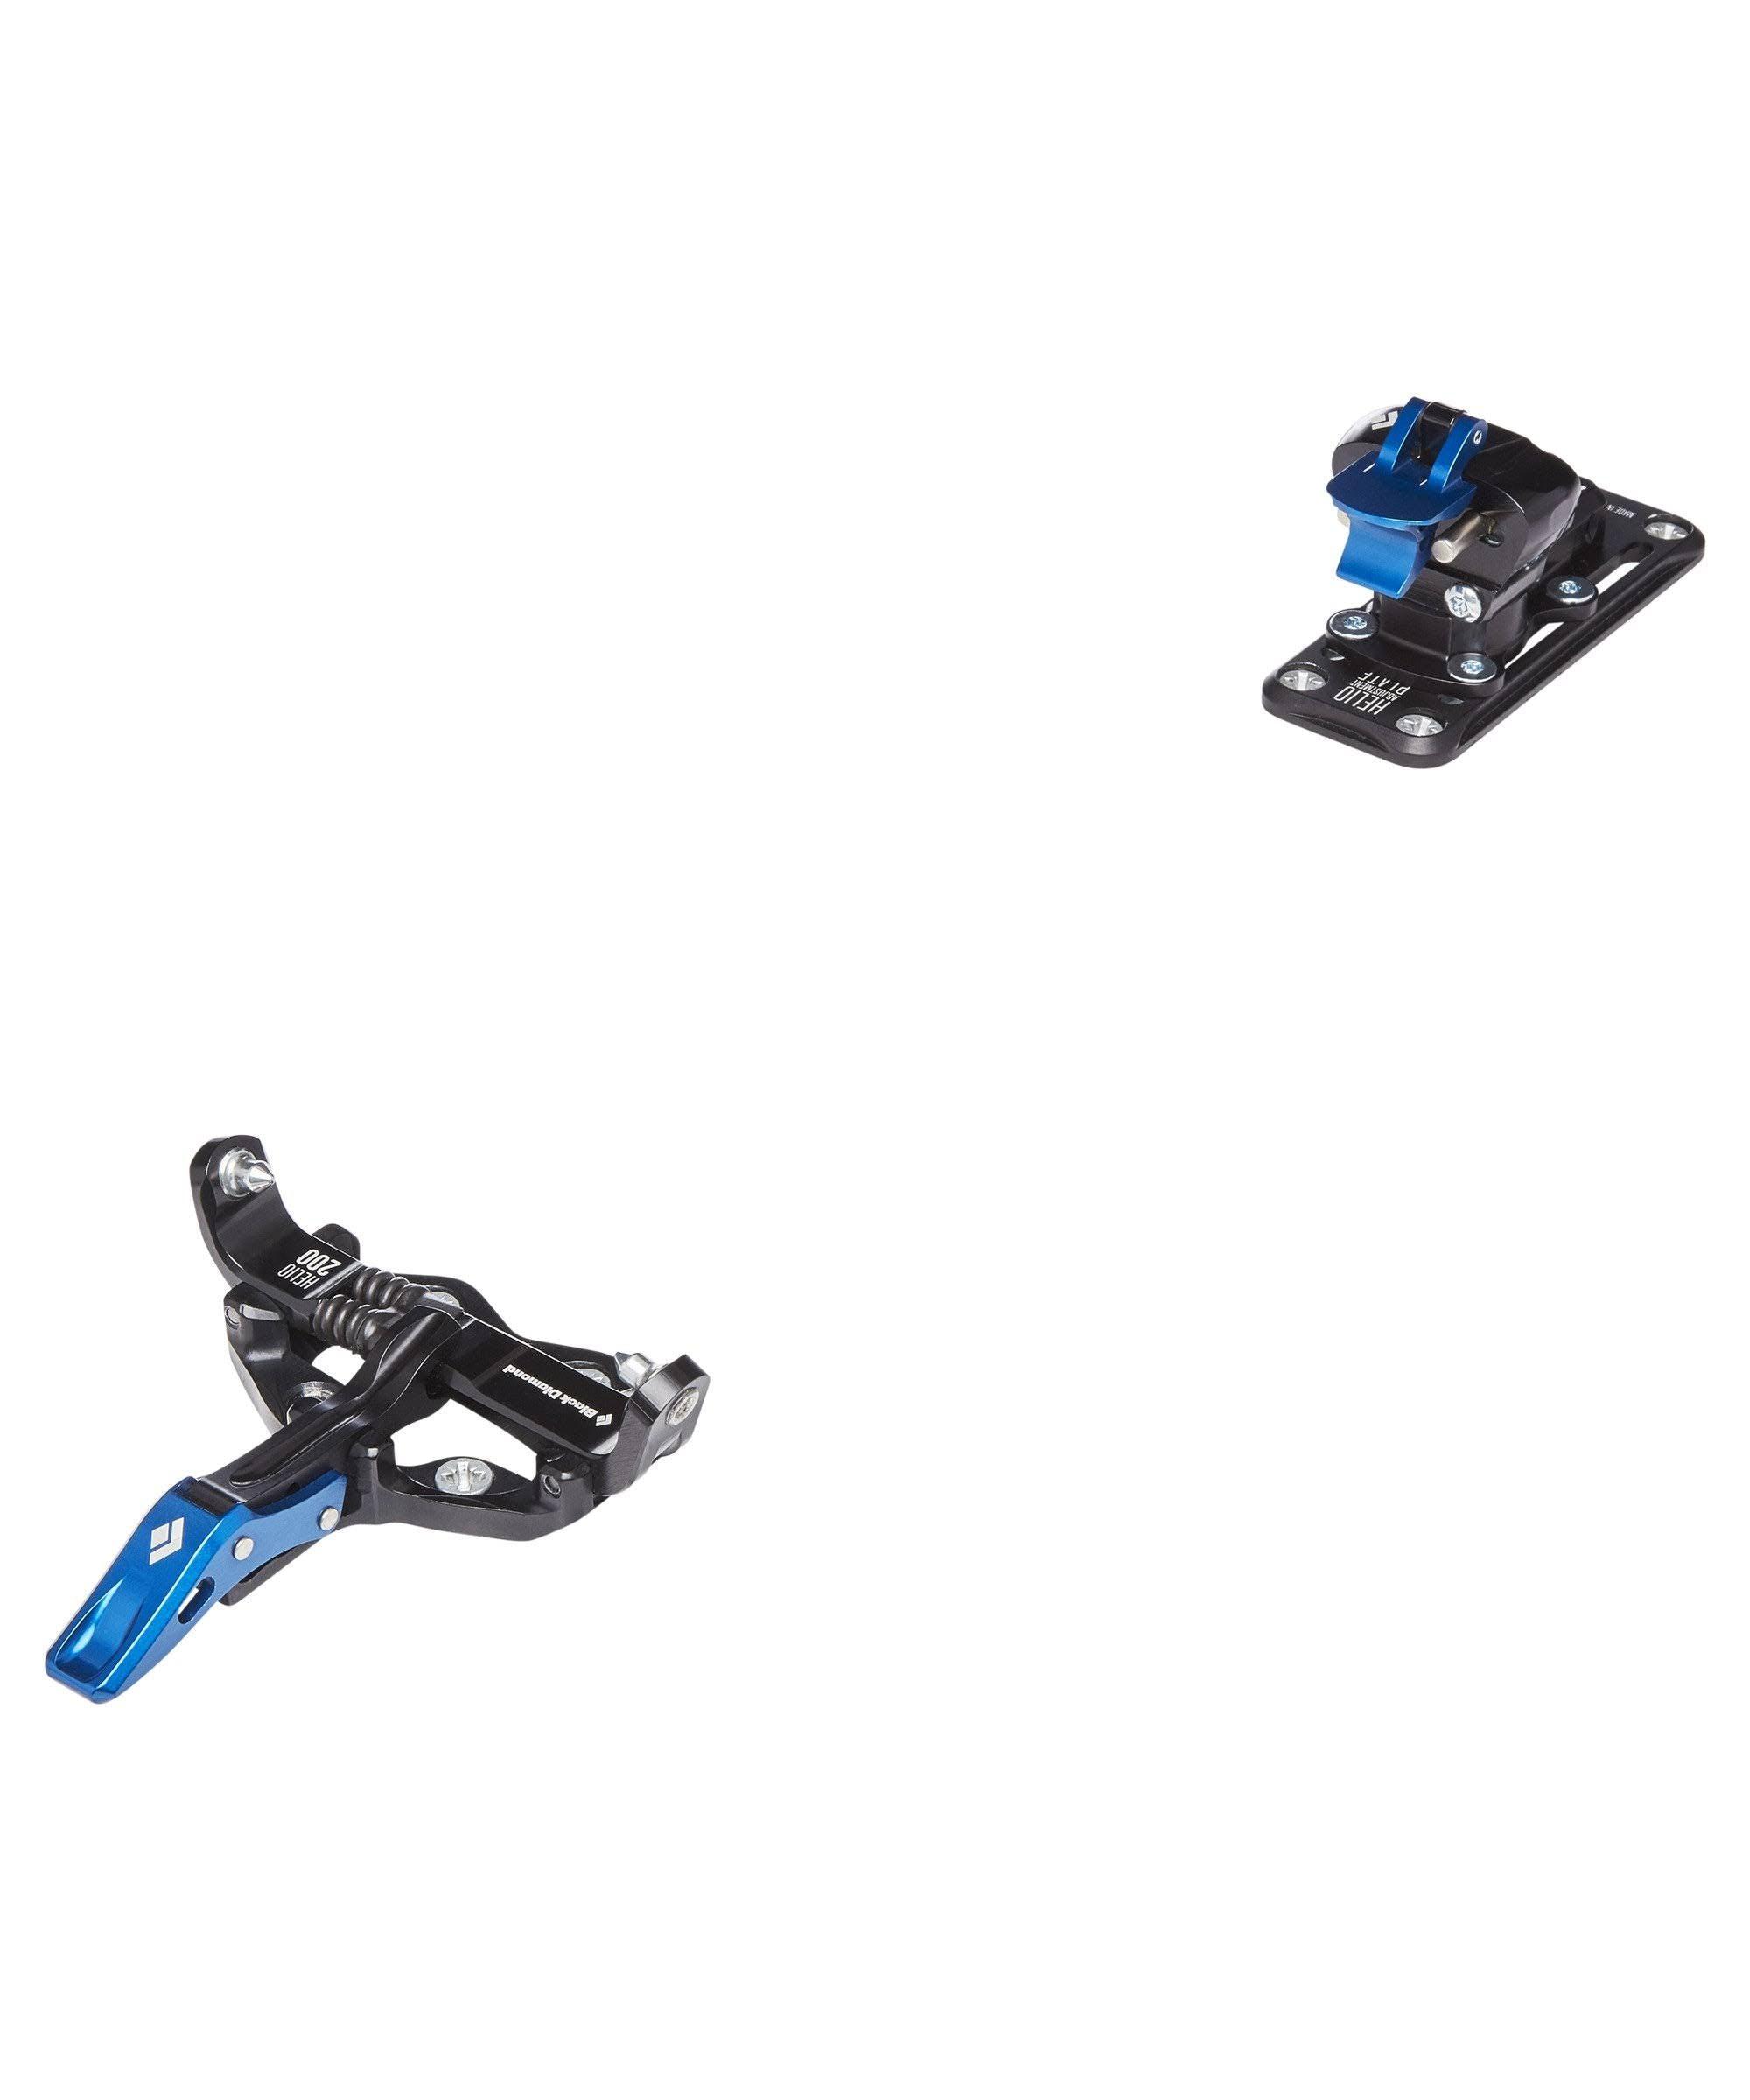 Black Diamond Helio 200 R5-10 Ski Bindings